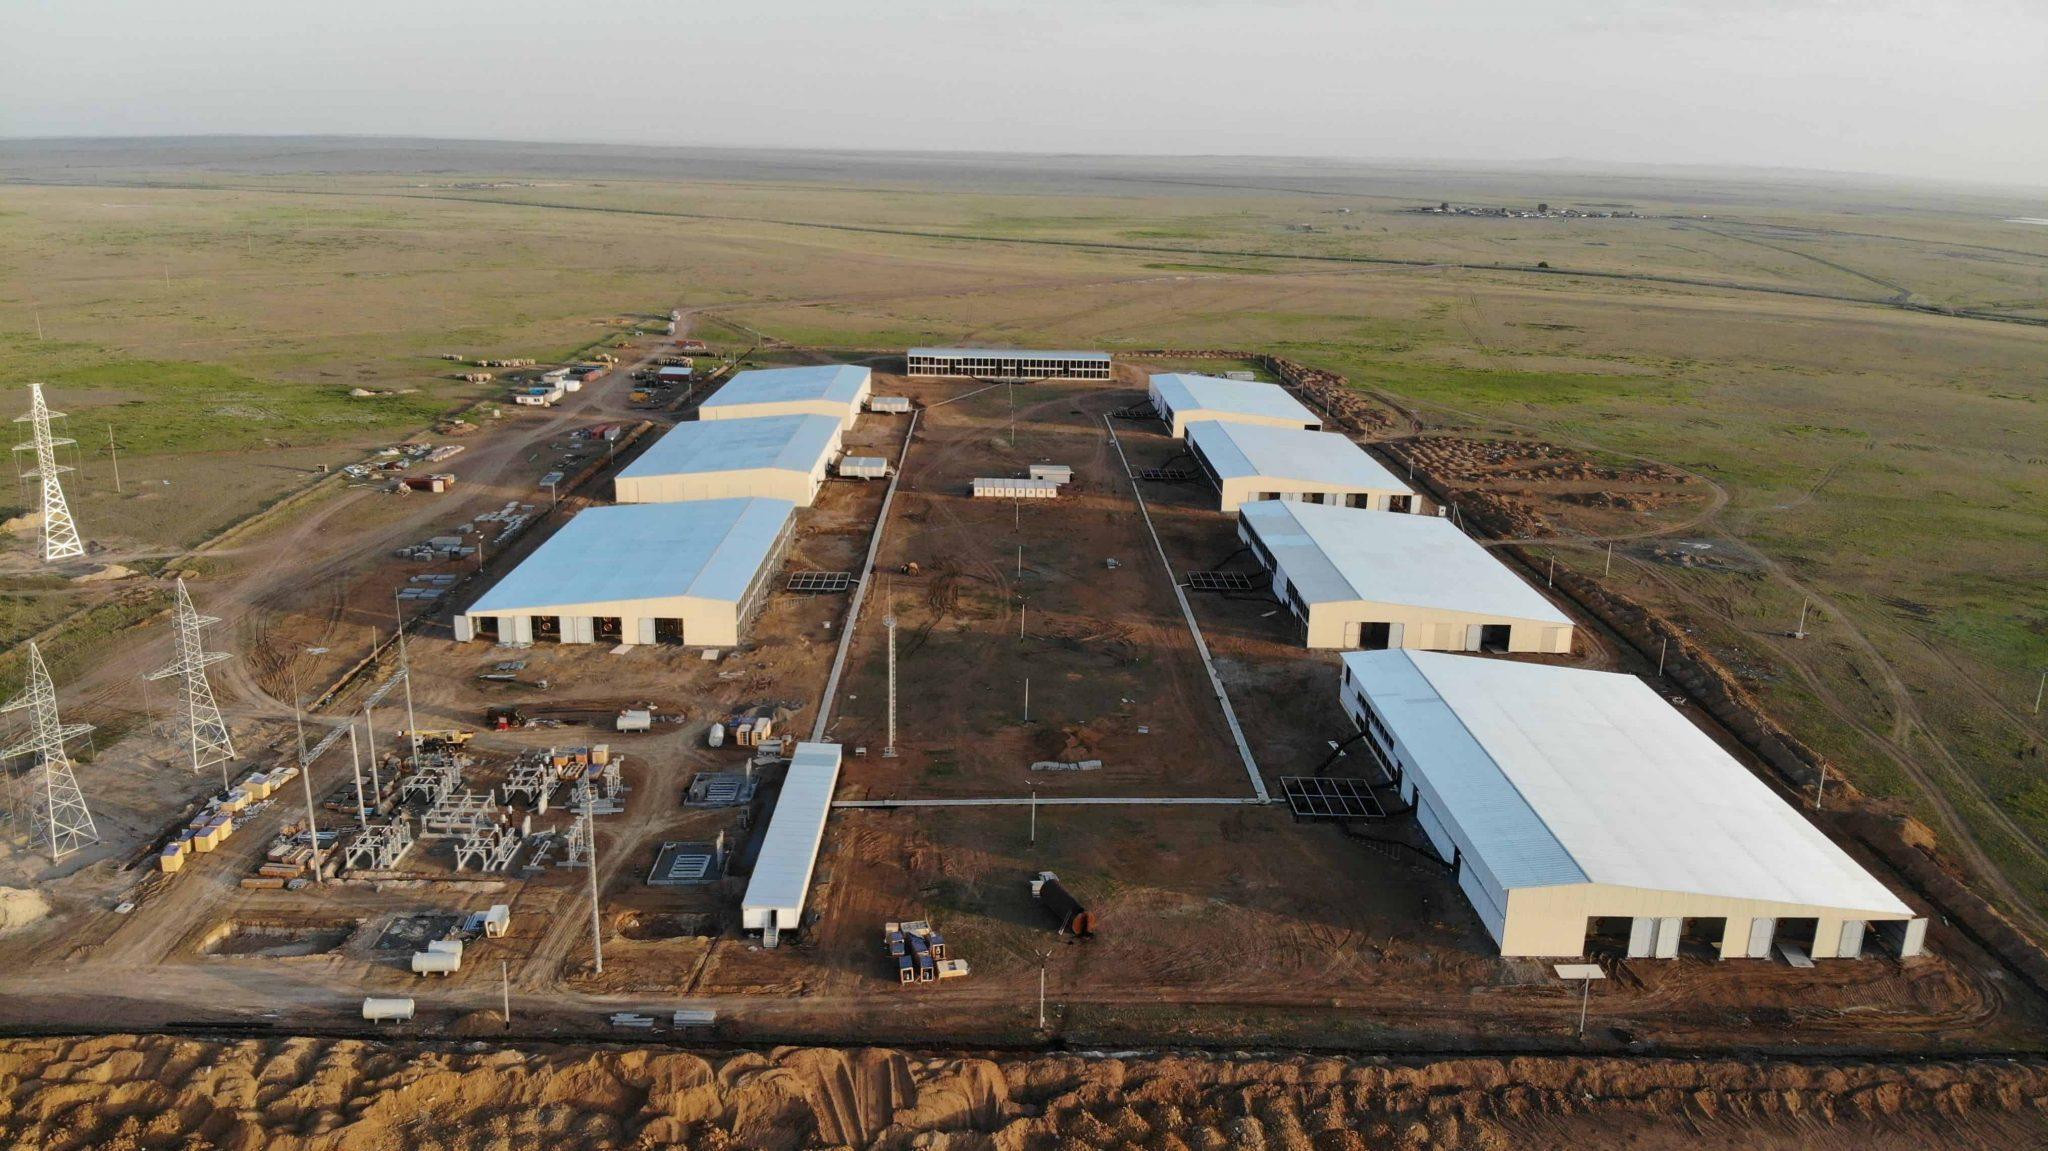 Майнинг-центр мощностью 16 МВт могут построить в Казахстане